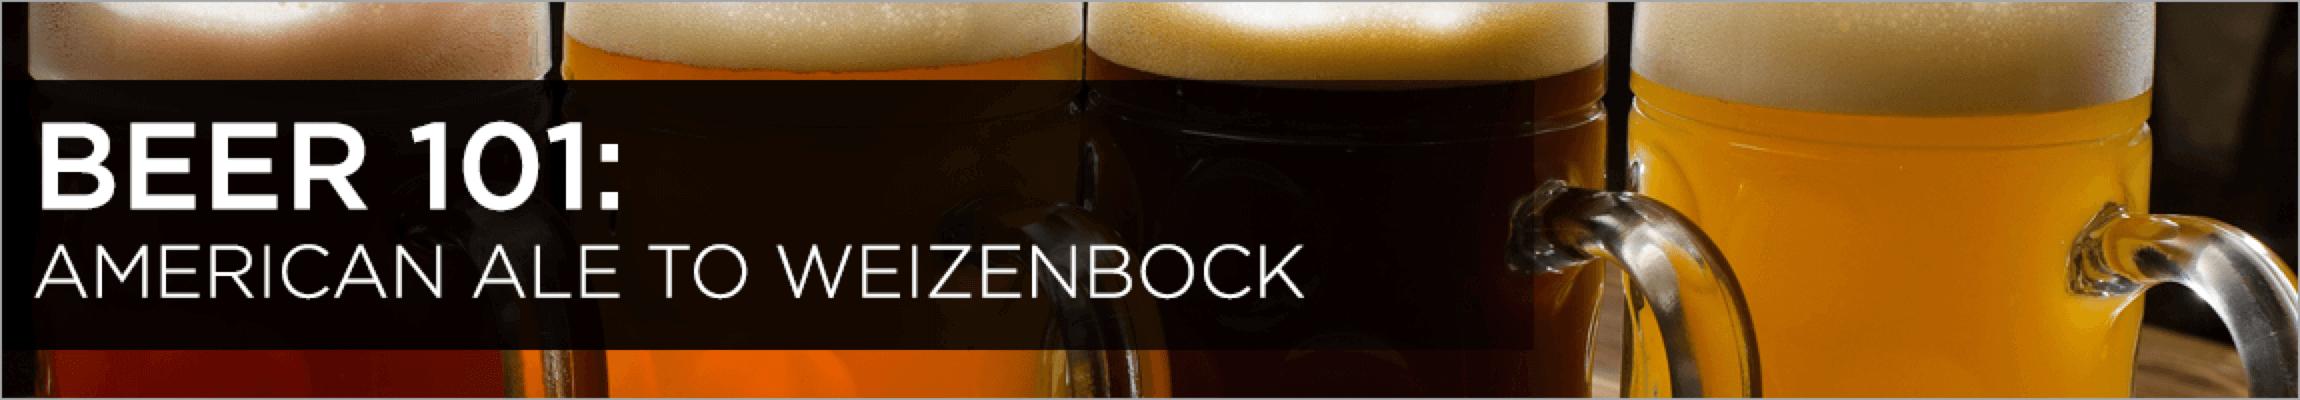 Beer 101 Guide